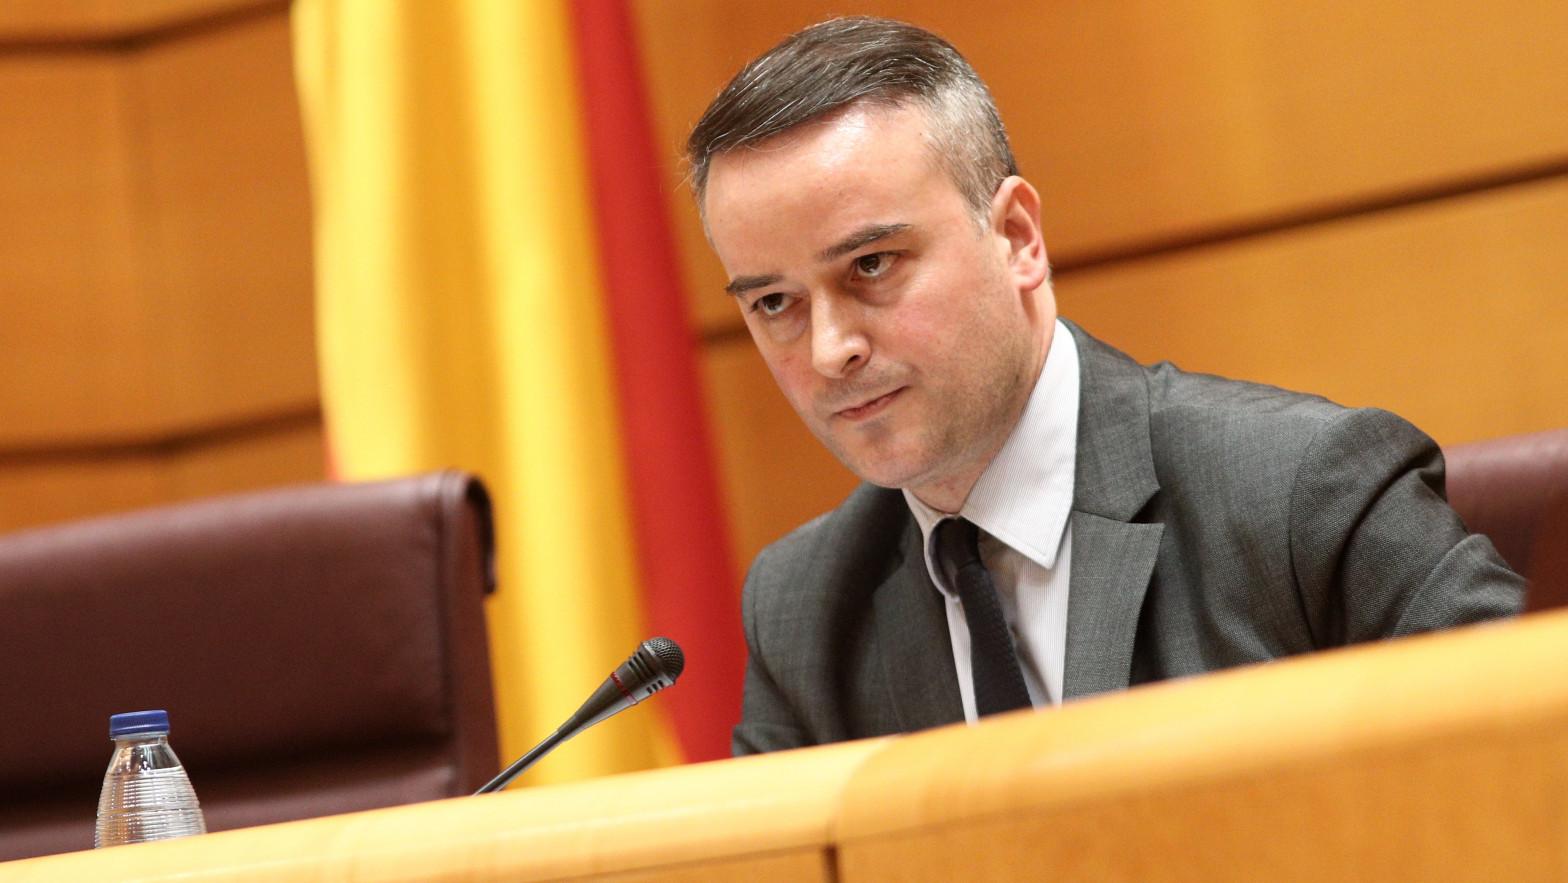 La Guardia Civil desvela un encuentro entre Iván Redondo y un emisario de Puigdemont